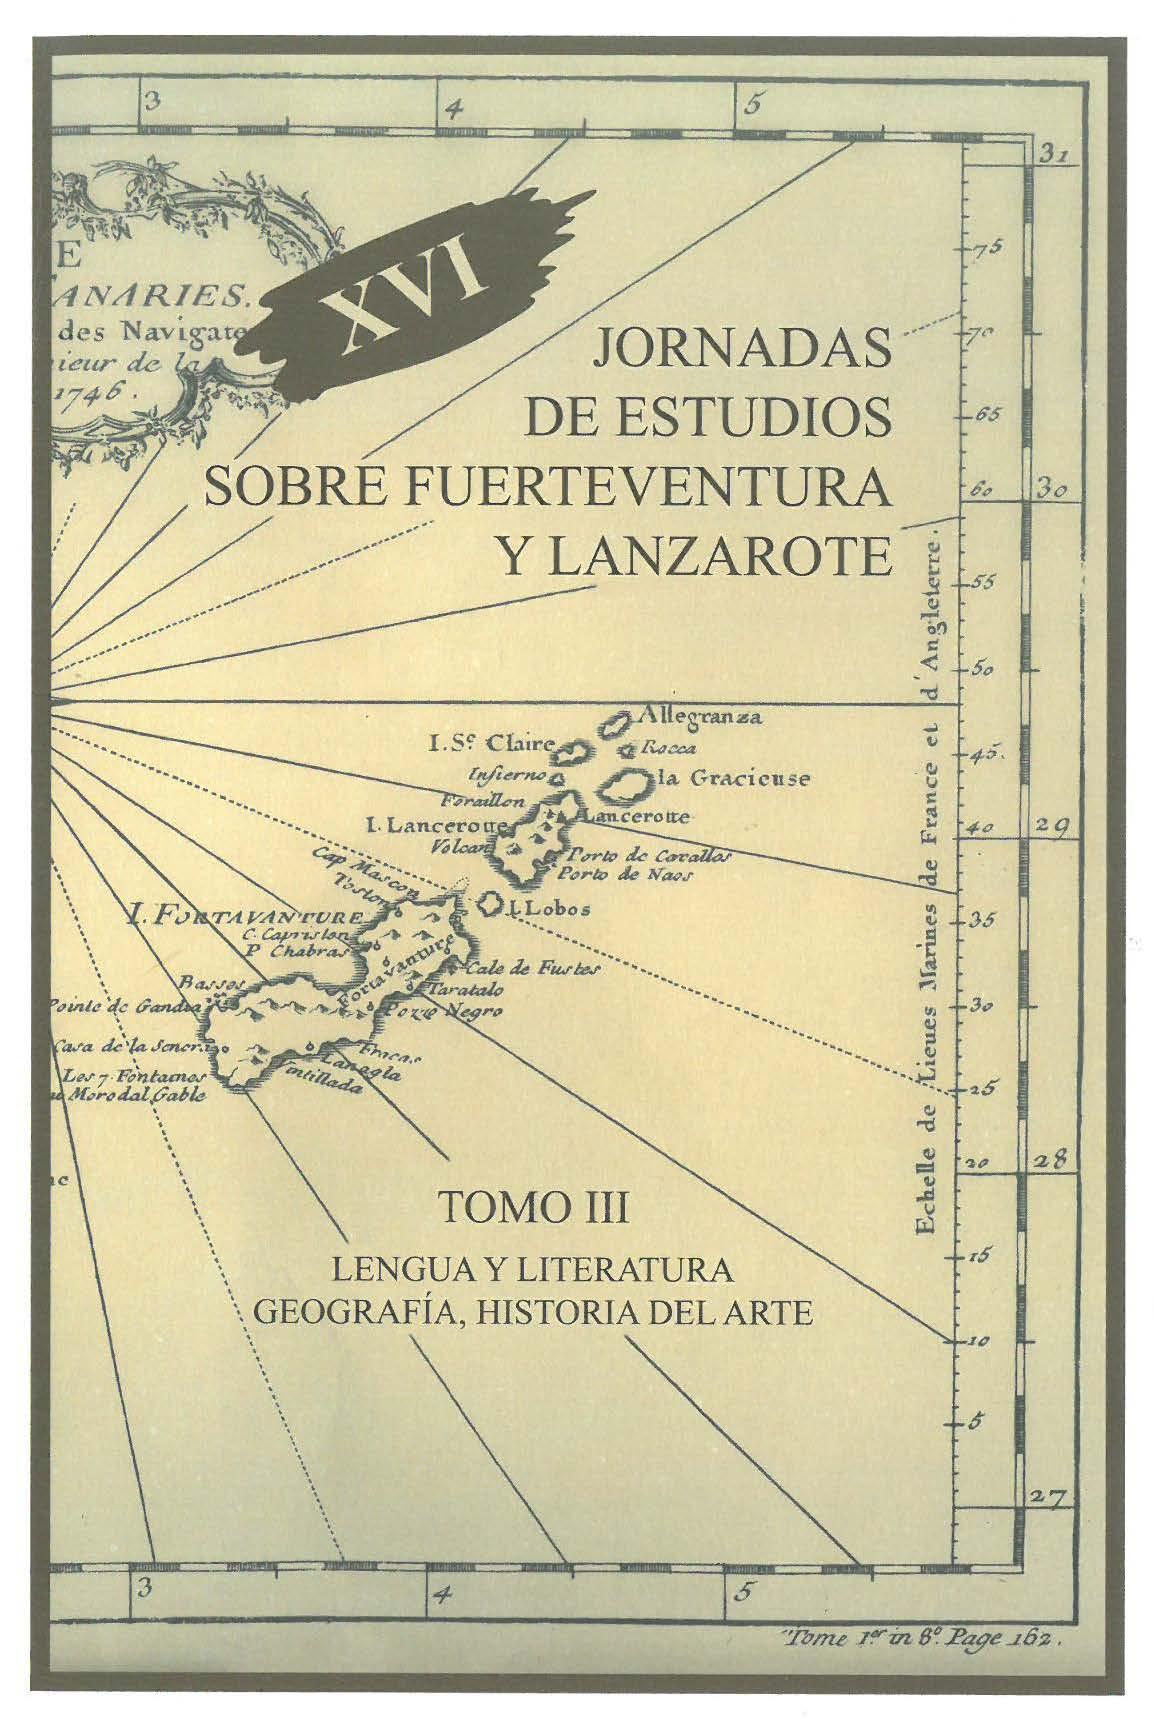 Canarias en la II Bienal Hispanoamericana de Arte (La Habana, 1954): arte, historia y política